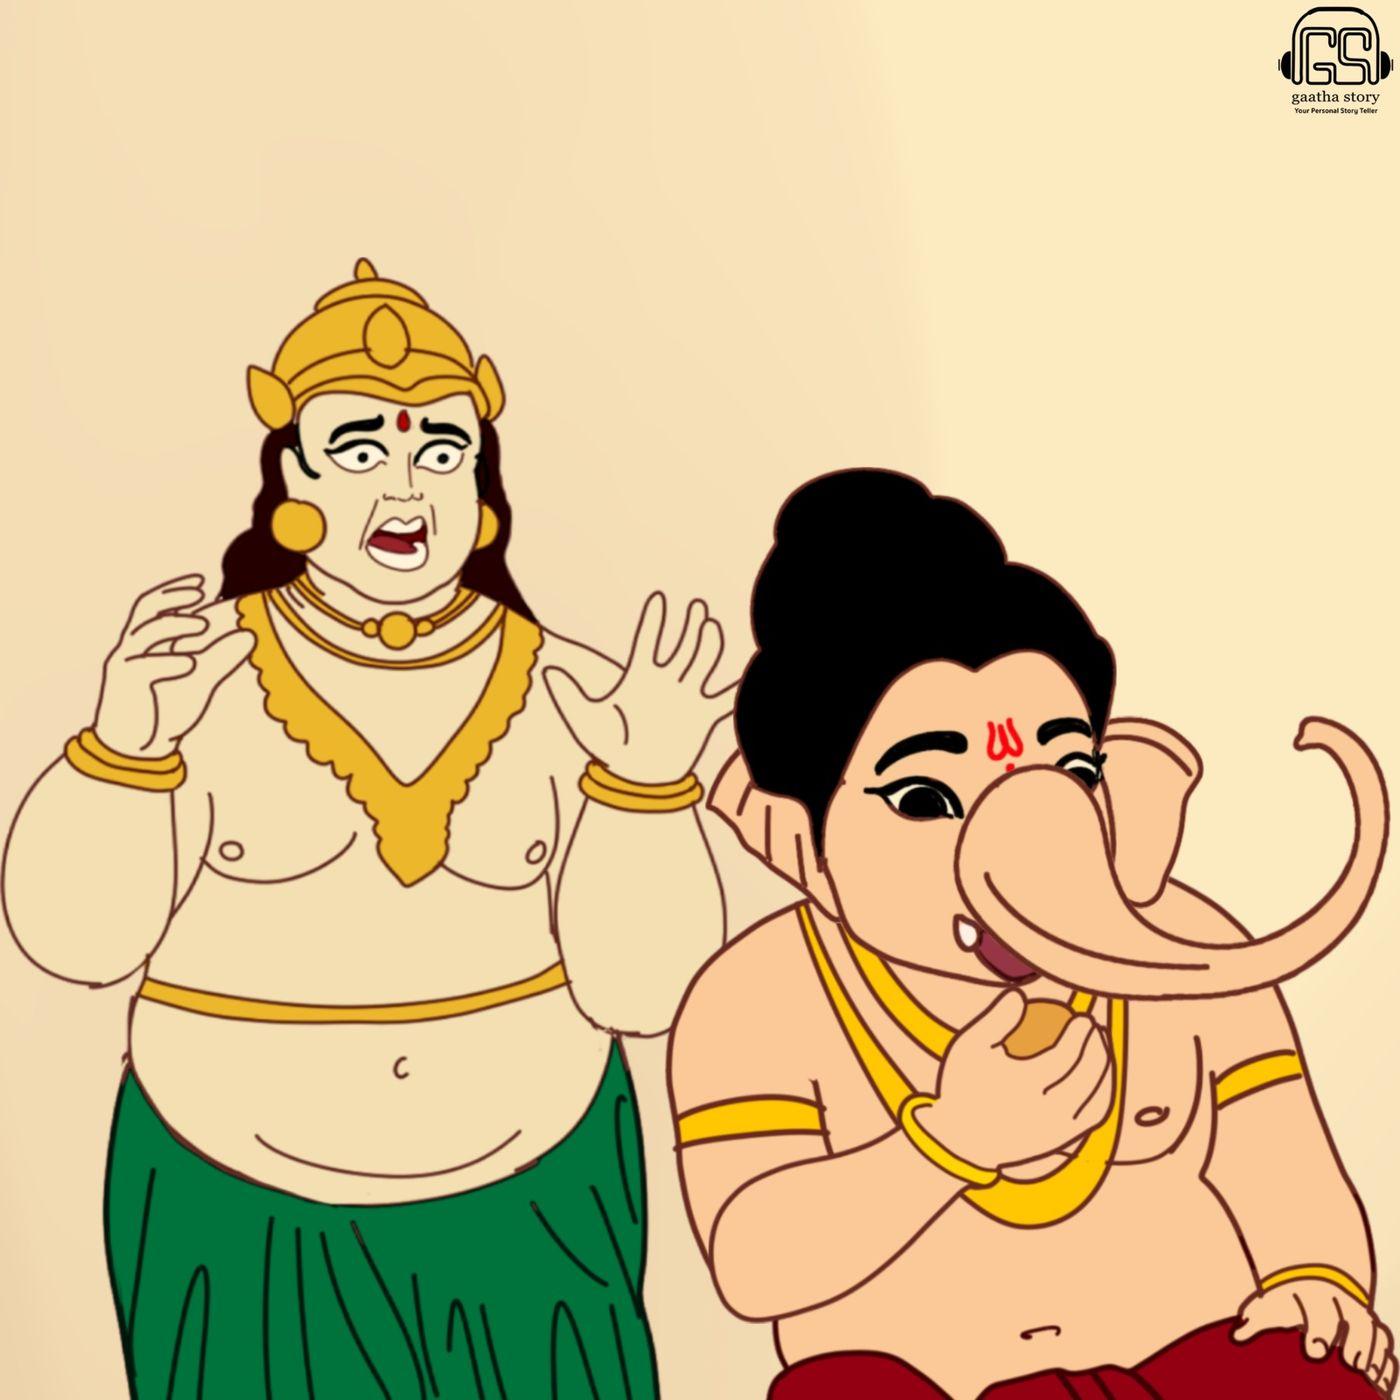 5: Ganesh and Kubera's Feast